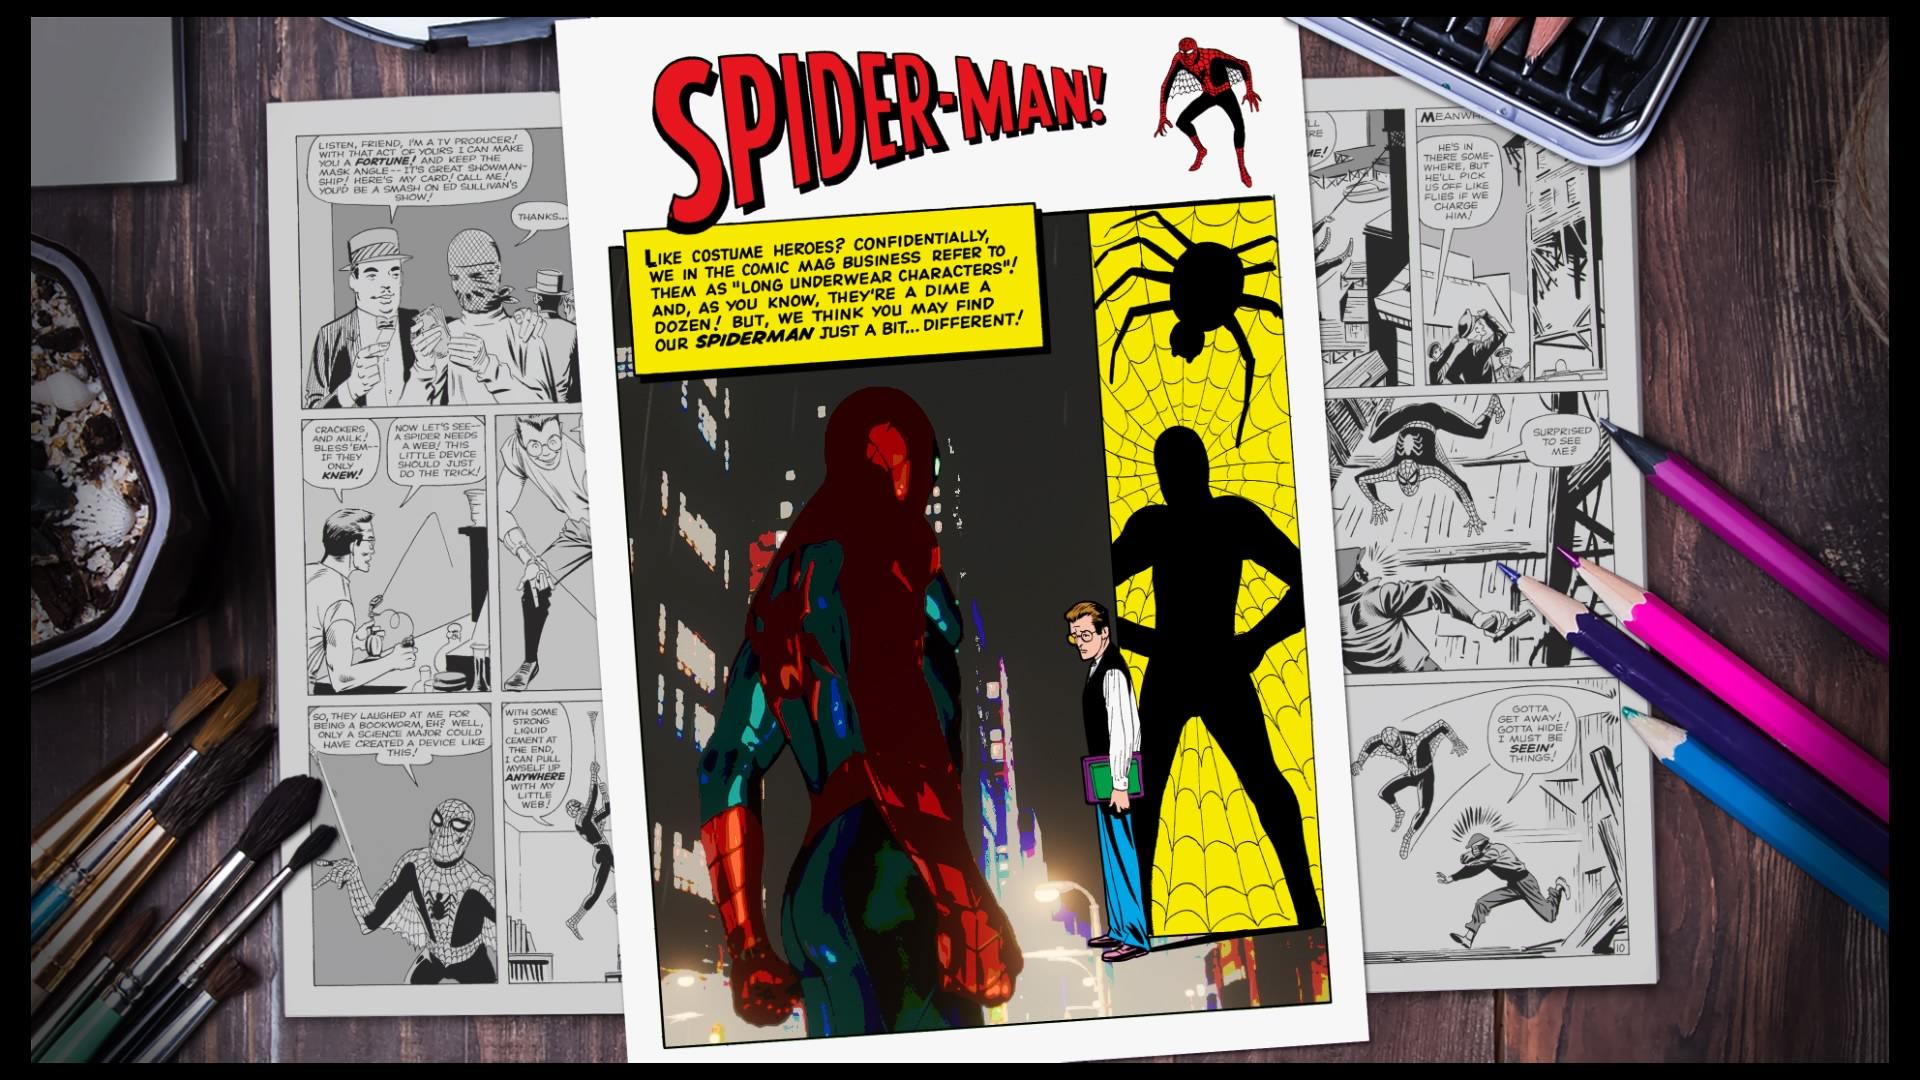 Marvel's Spider-Man_20181028153935.jpg - Marvel's Spider-Man